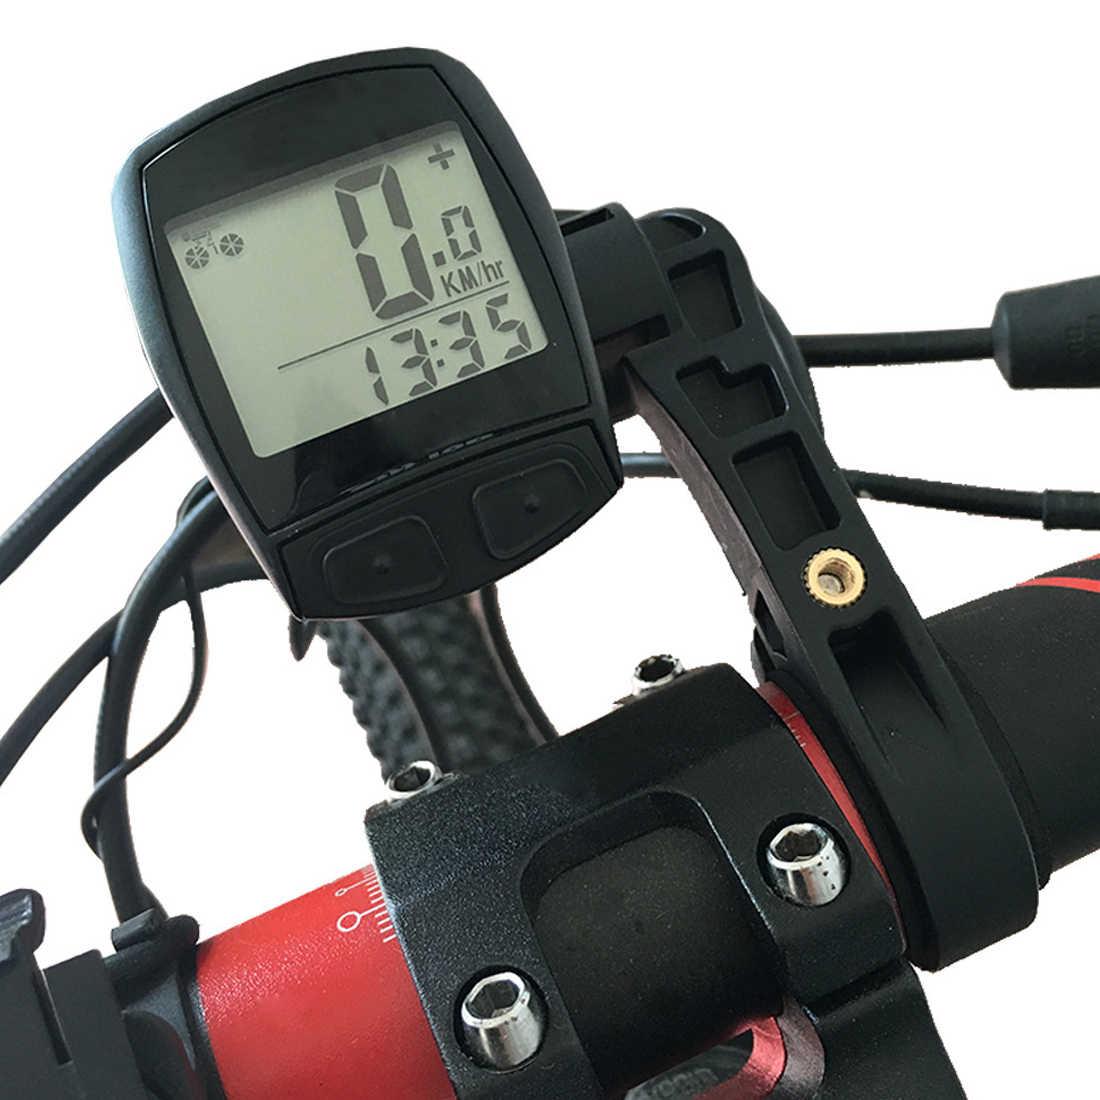 Vente chaude Universel Vélo torche LED Poche Support Support De Support pour téléphone Vélo Guidon Monté Extenseur